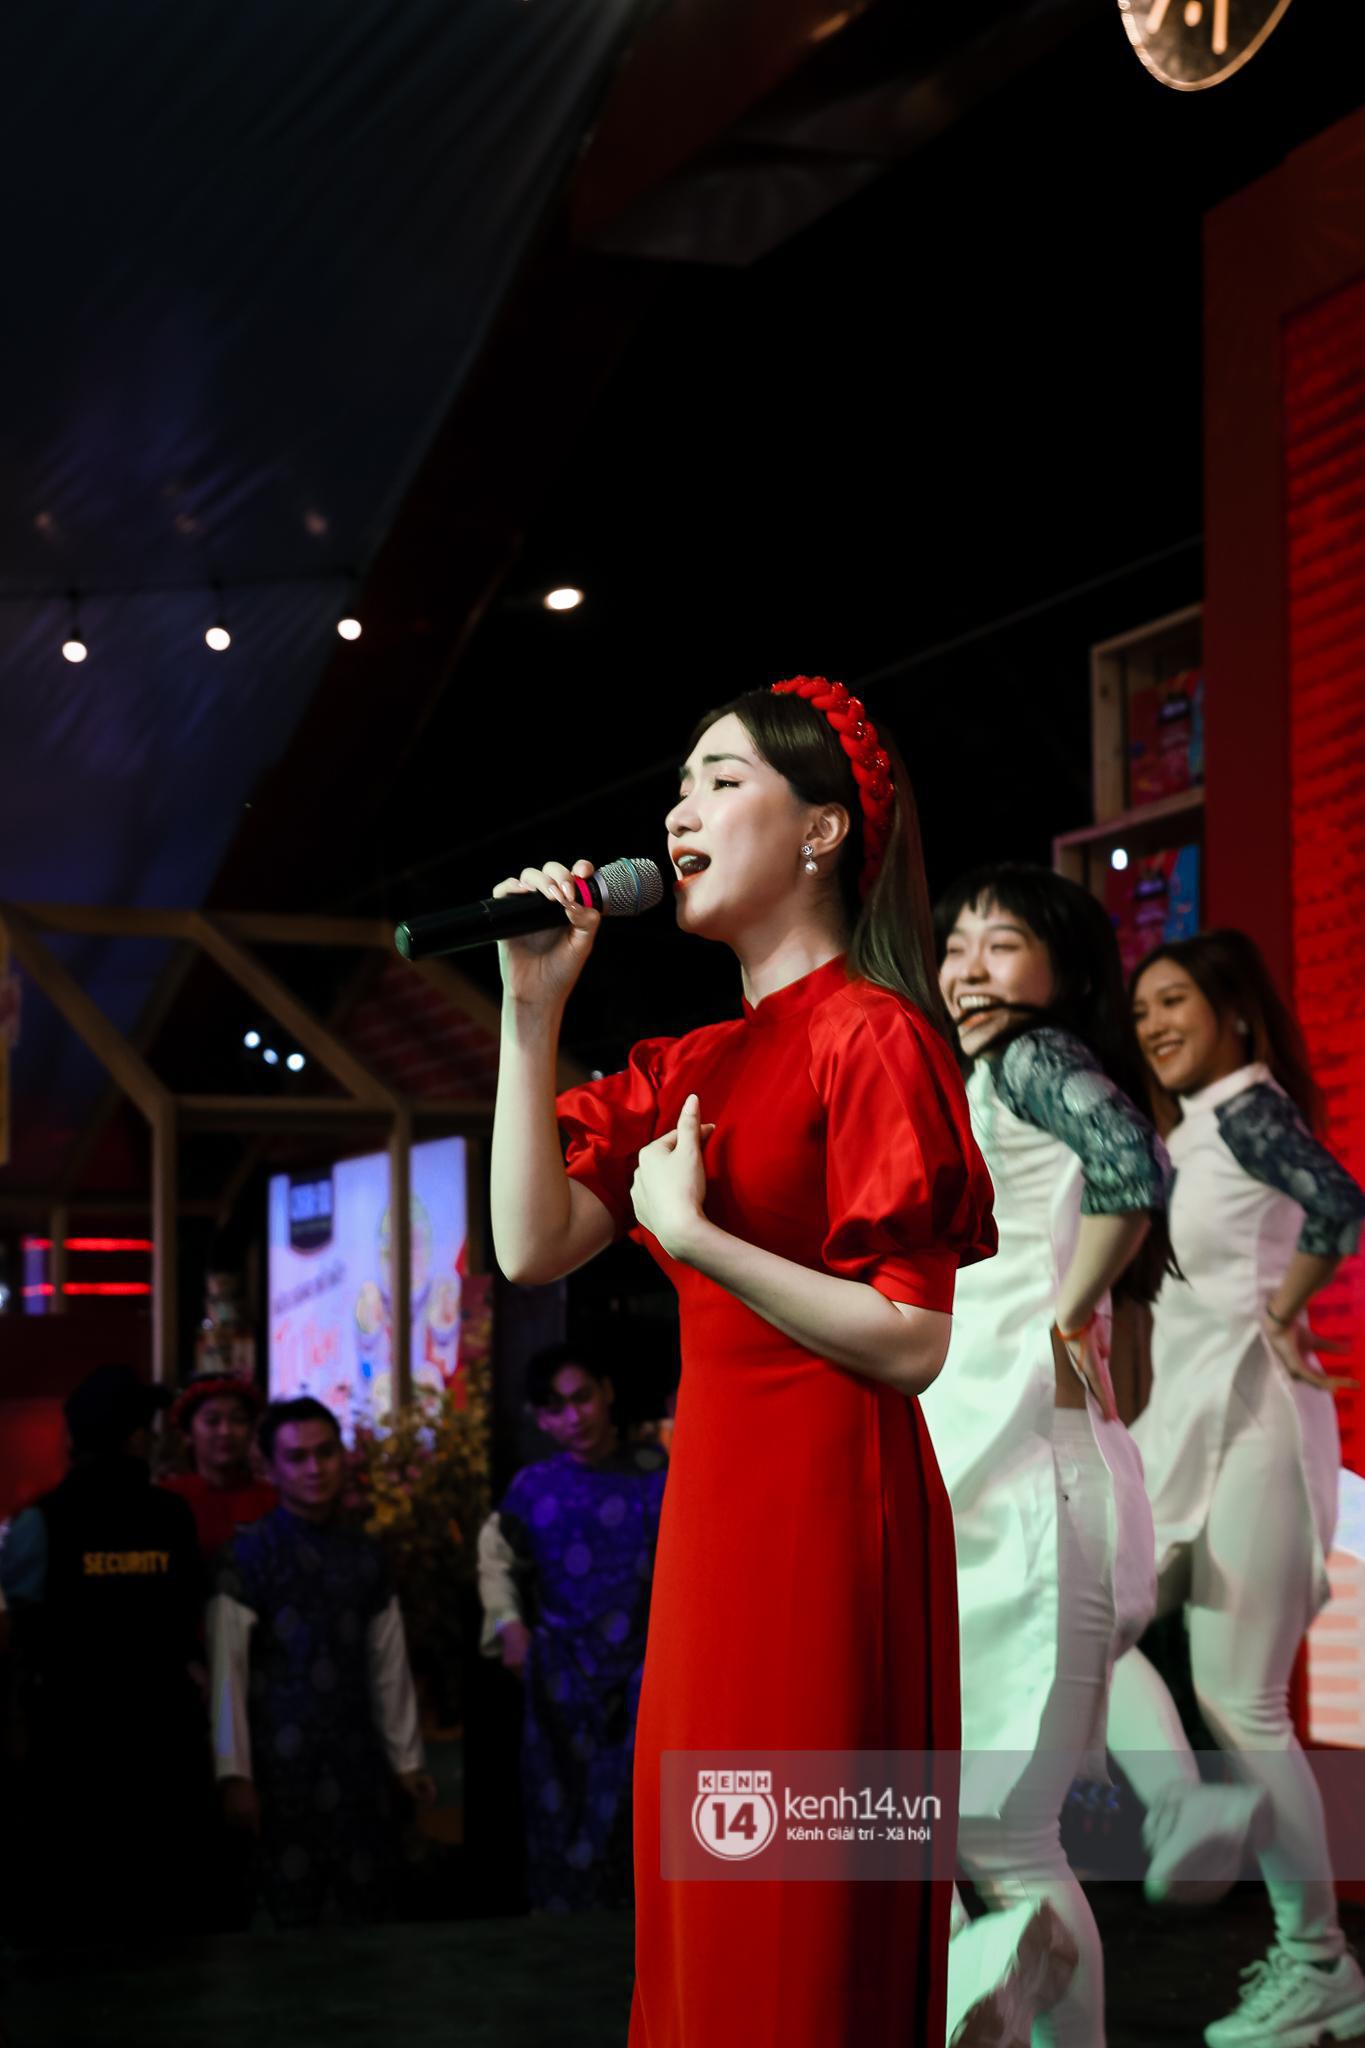 Fan Hòa Minzy bơi hết vào đây, xem idol đột kích Lễ hội Tết Việt và ngàn trải nghiệm wow chưa từng có! - Ảnh 2.